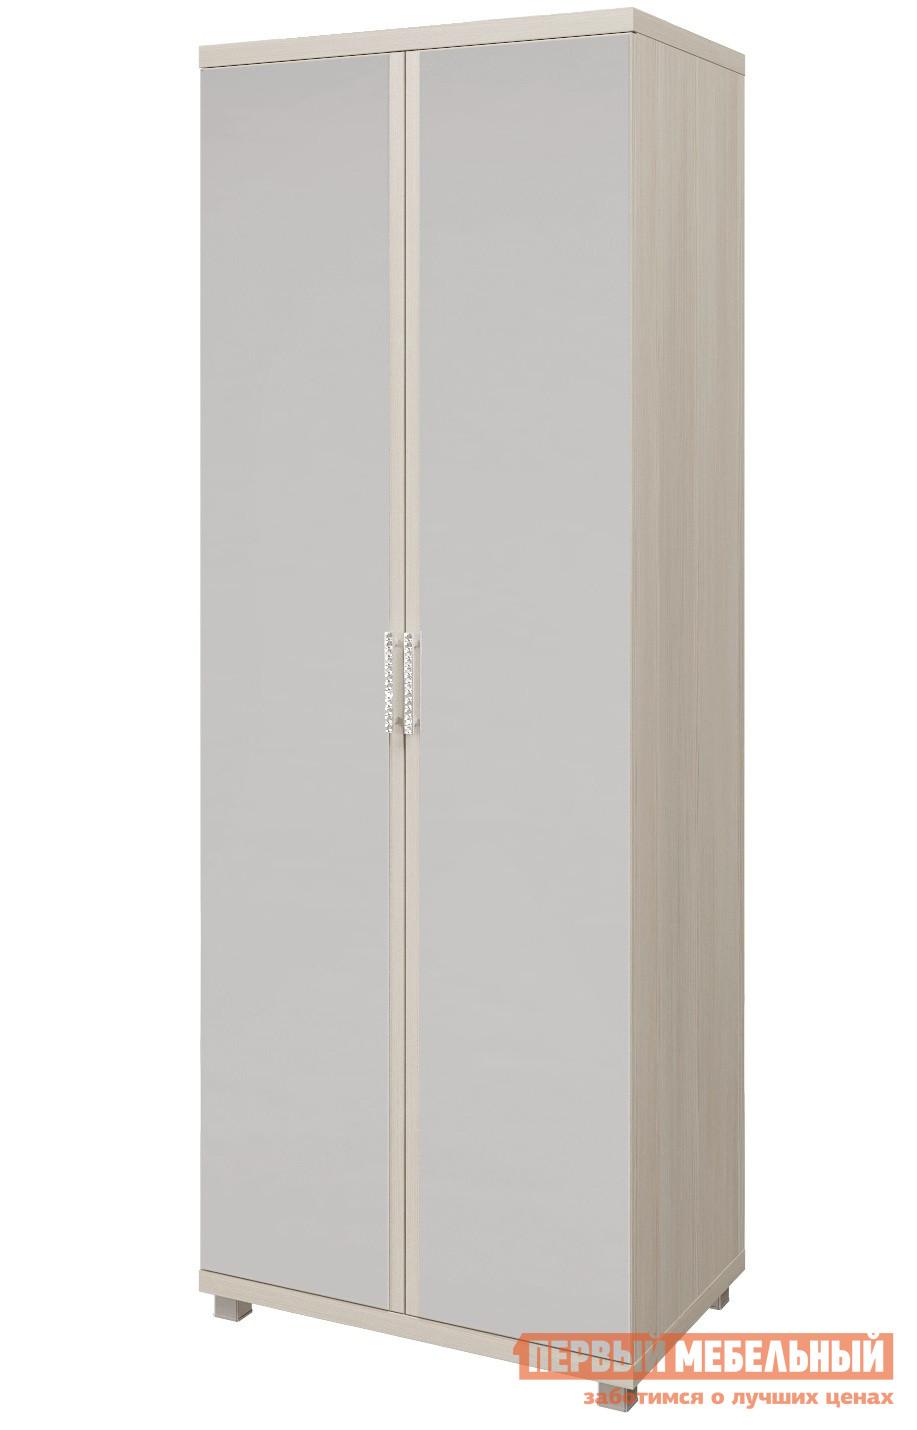 Шкаф распашной ТД Арника 10 «Ирис» Шкаф для одежды 2-х дверный с зеркалом